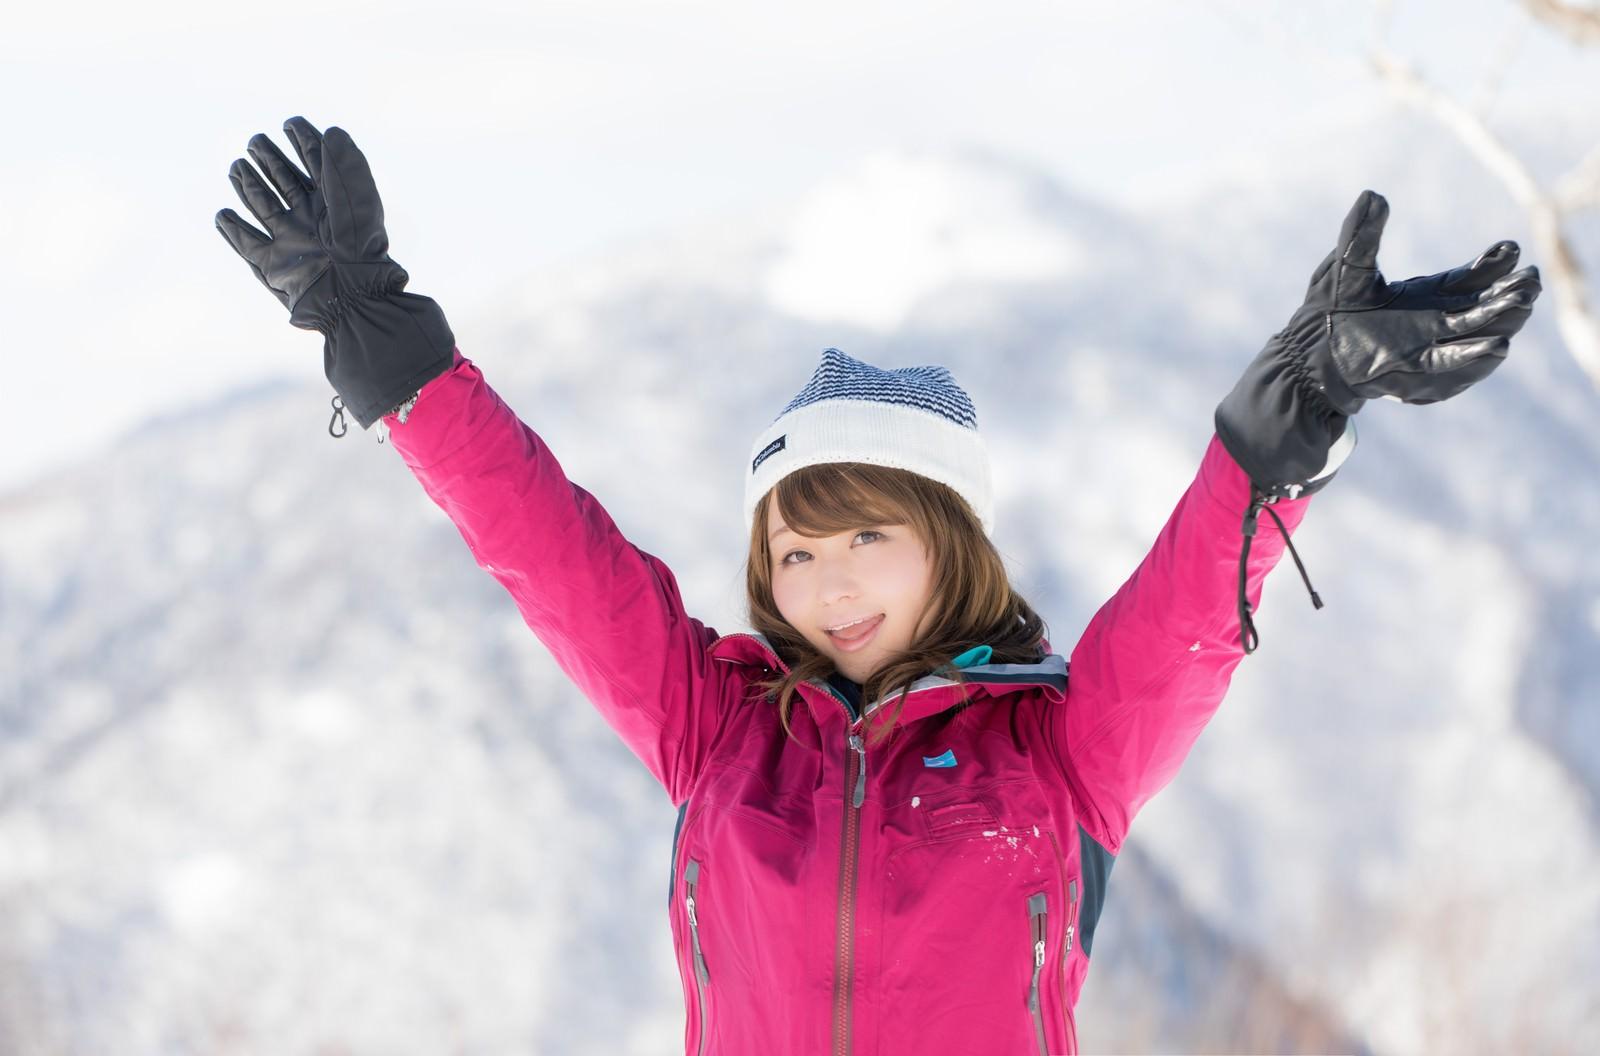 「「今ね、標高1,800メートル、氷点下15℃なの!」と喜ぶ登頂女子「今ね、標高1,800メートル、氷点下15℃なの!」と喜ぶ登頂女子」[モデル:茜さや]のフリー写真素材を拡大